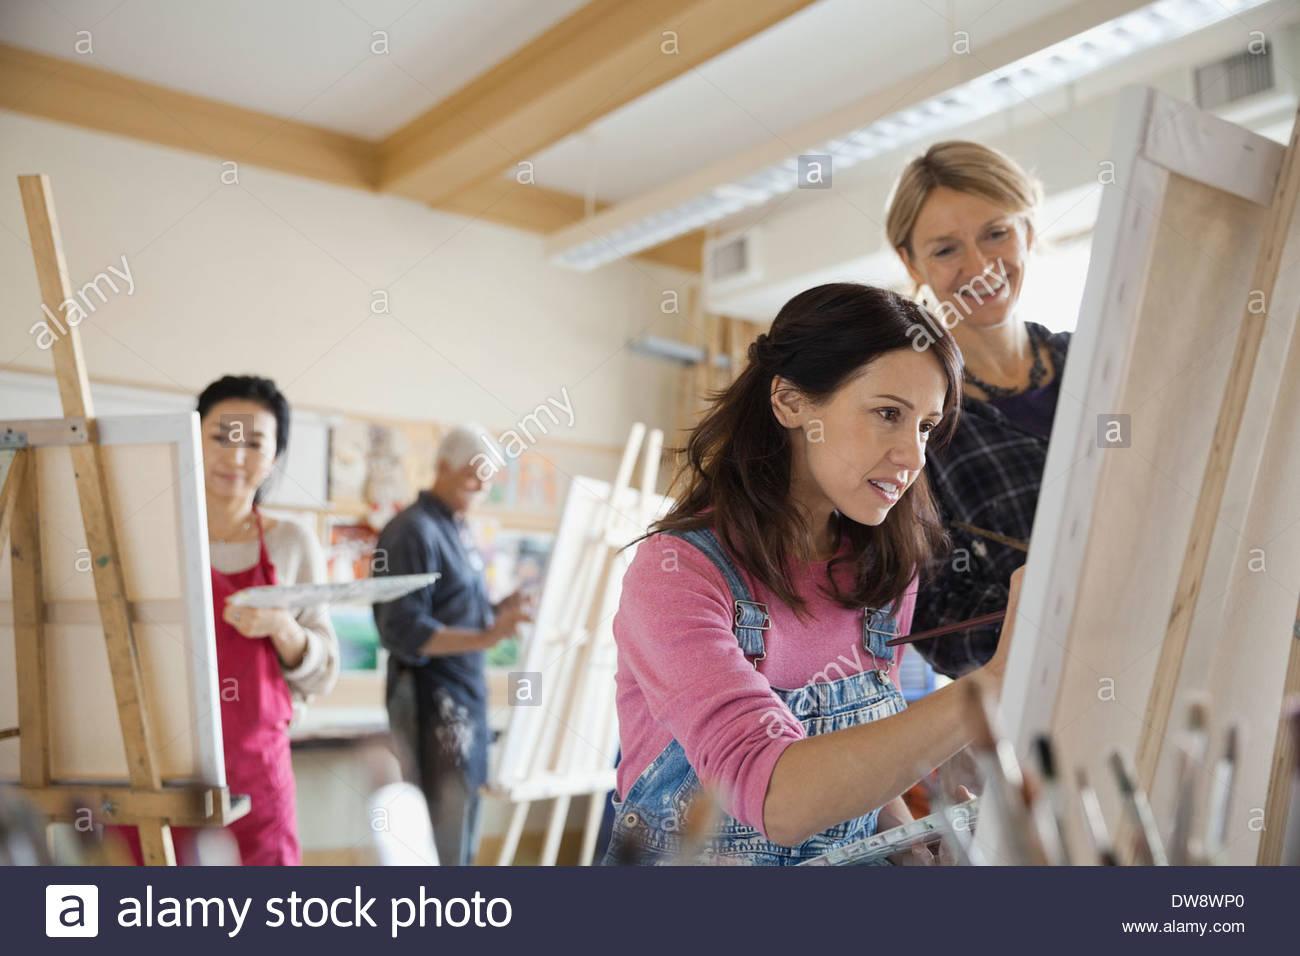 La donna adulta prendendo lezioni di pittura Immagini Stock